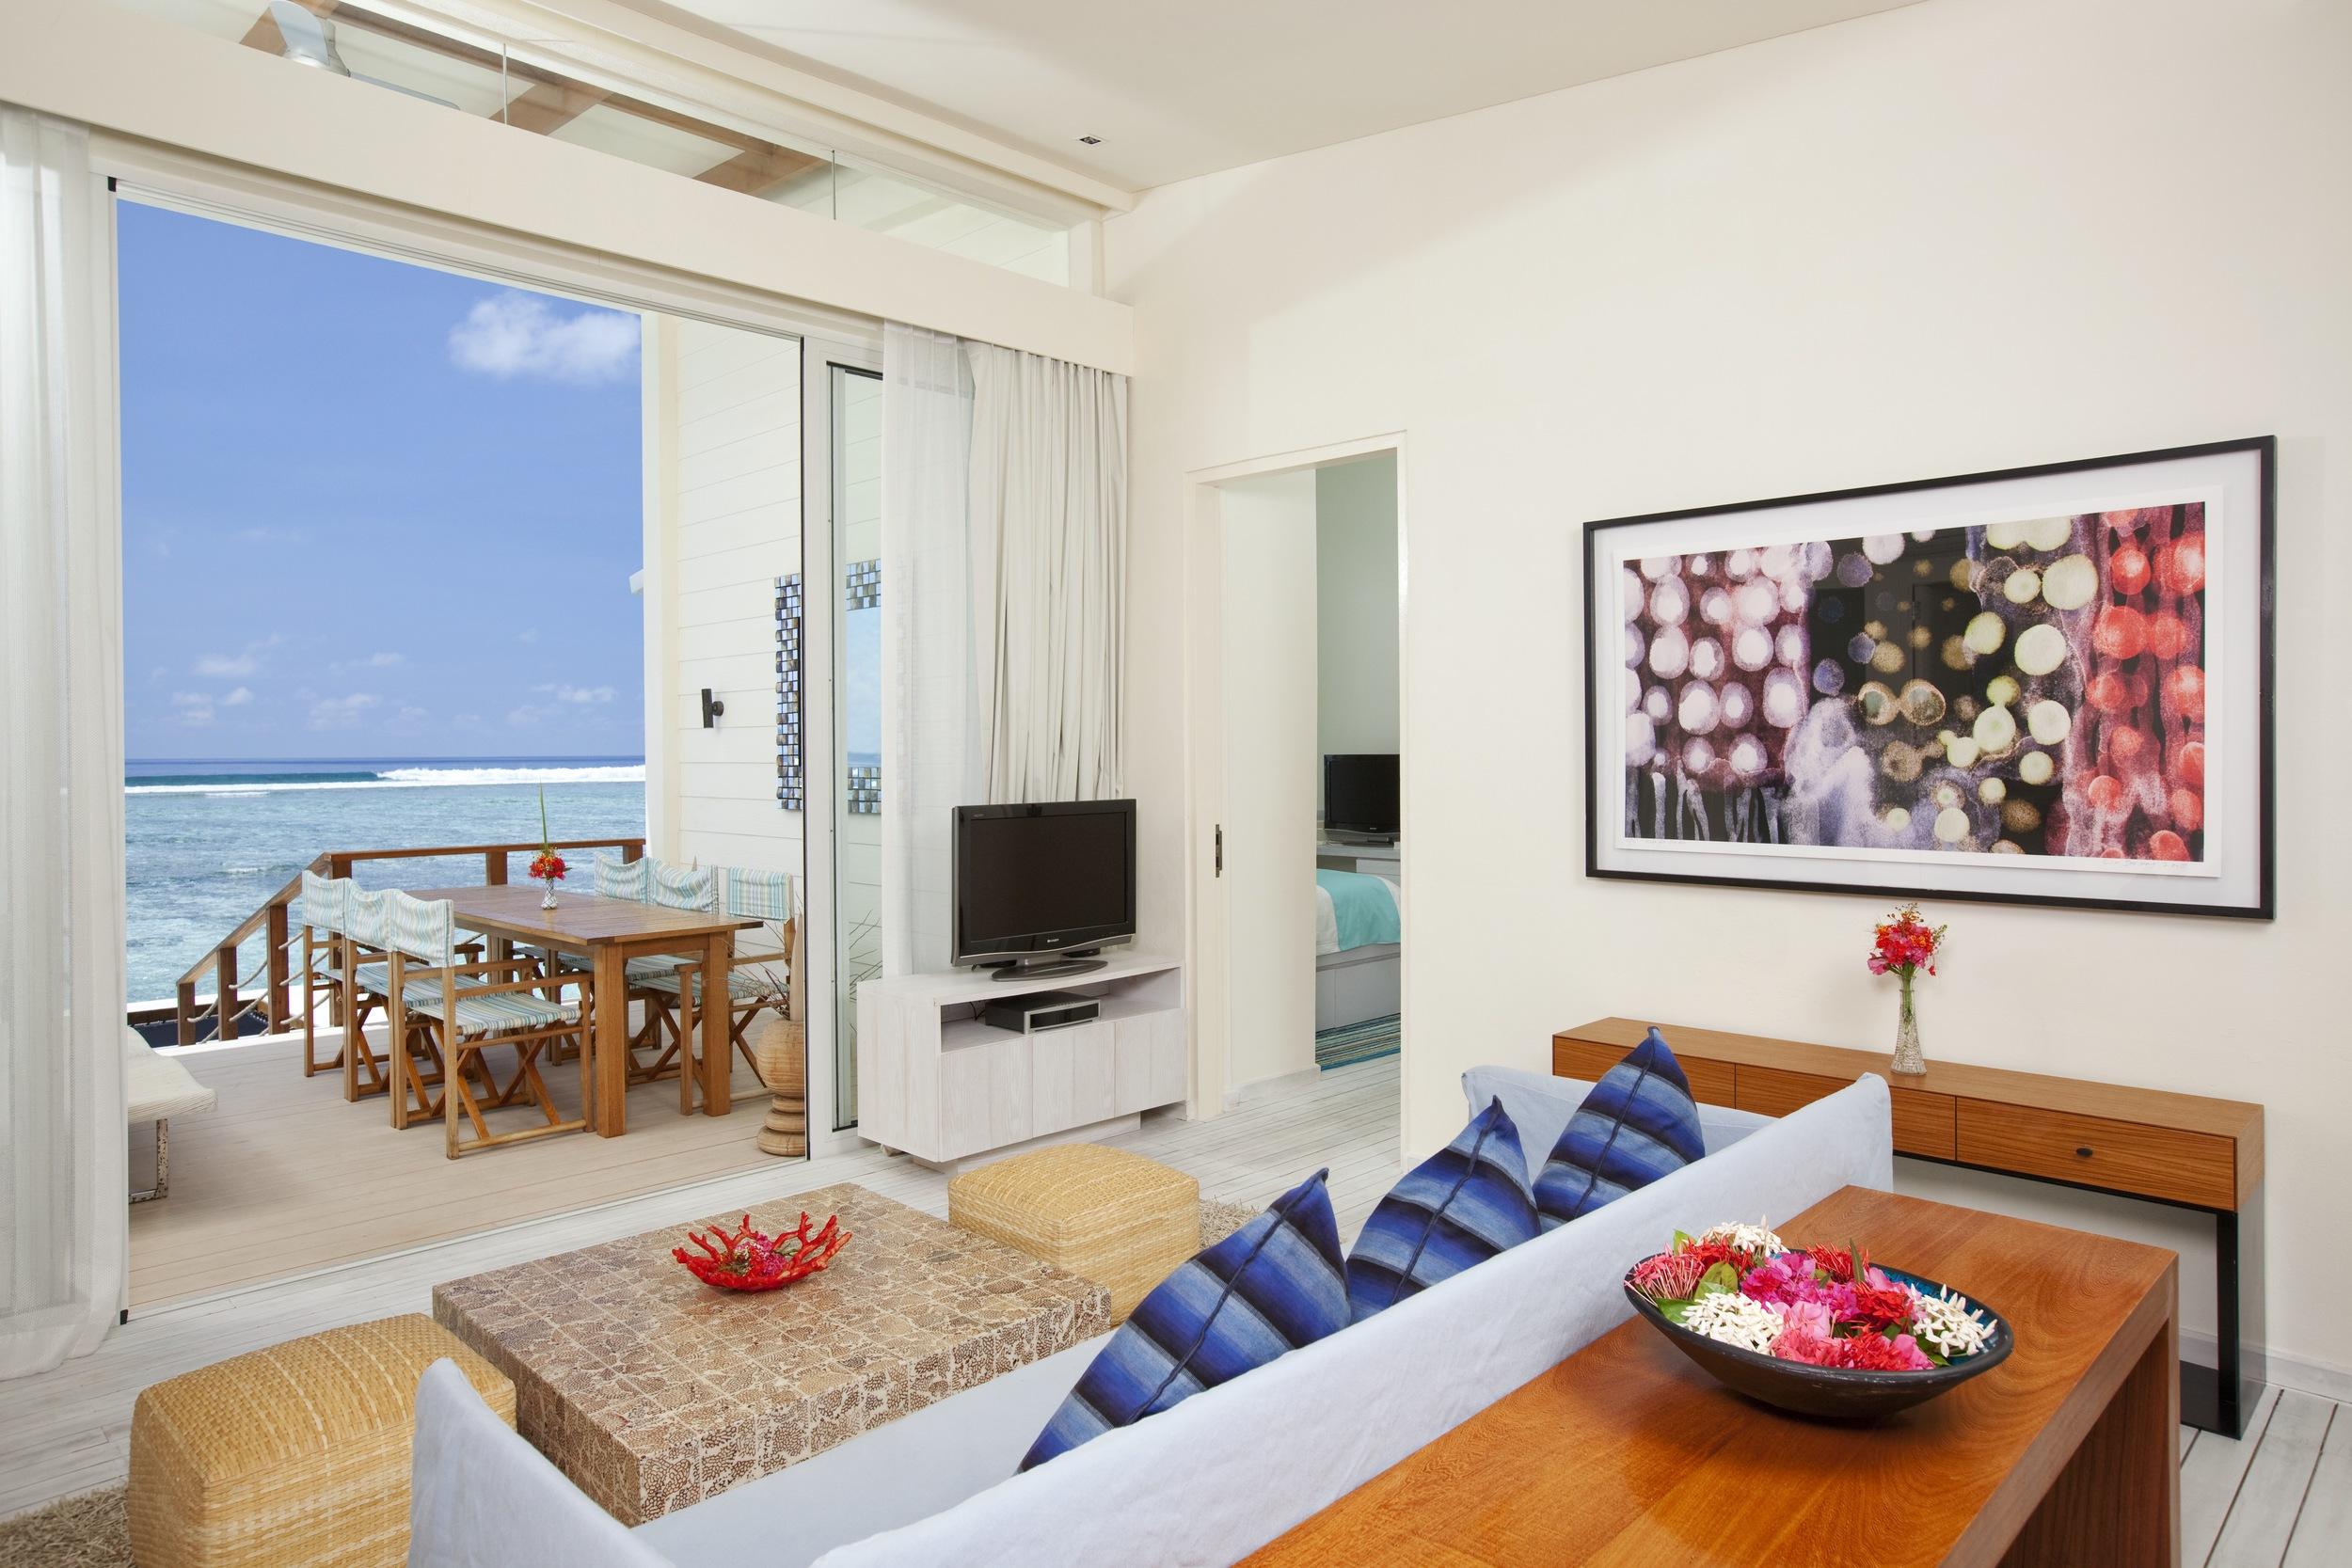 Holiday Inn Resort Kandooma Maldives | Photo Credit: InterContinental Hotels Group